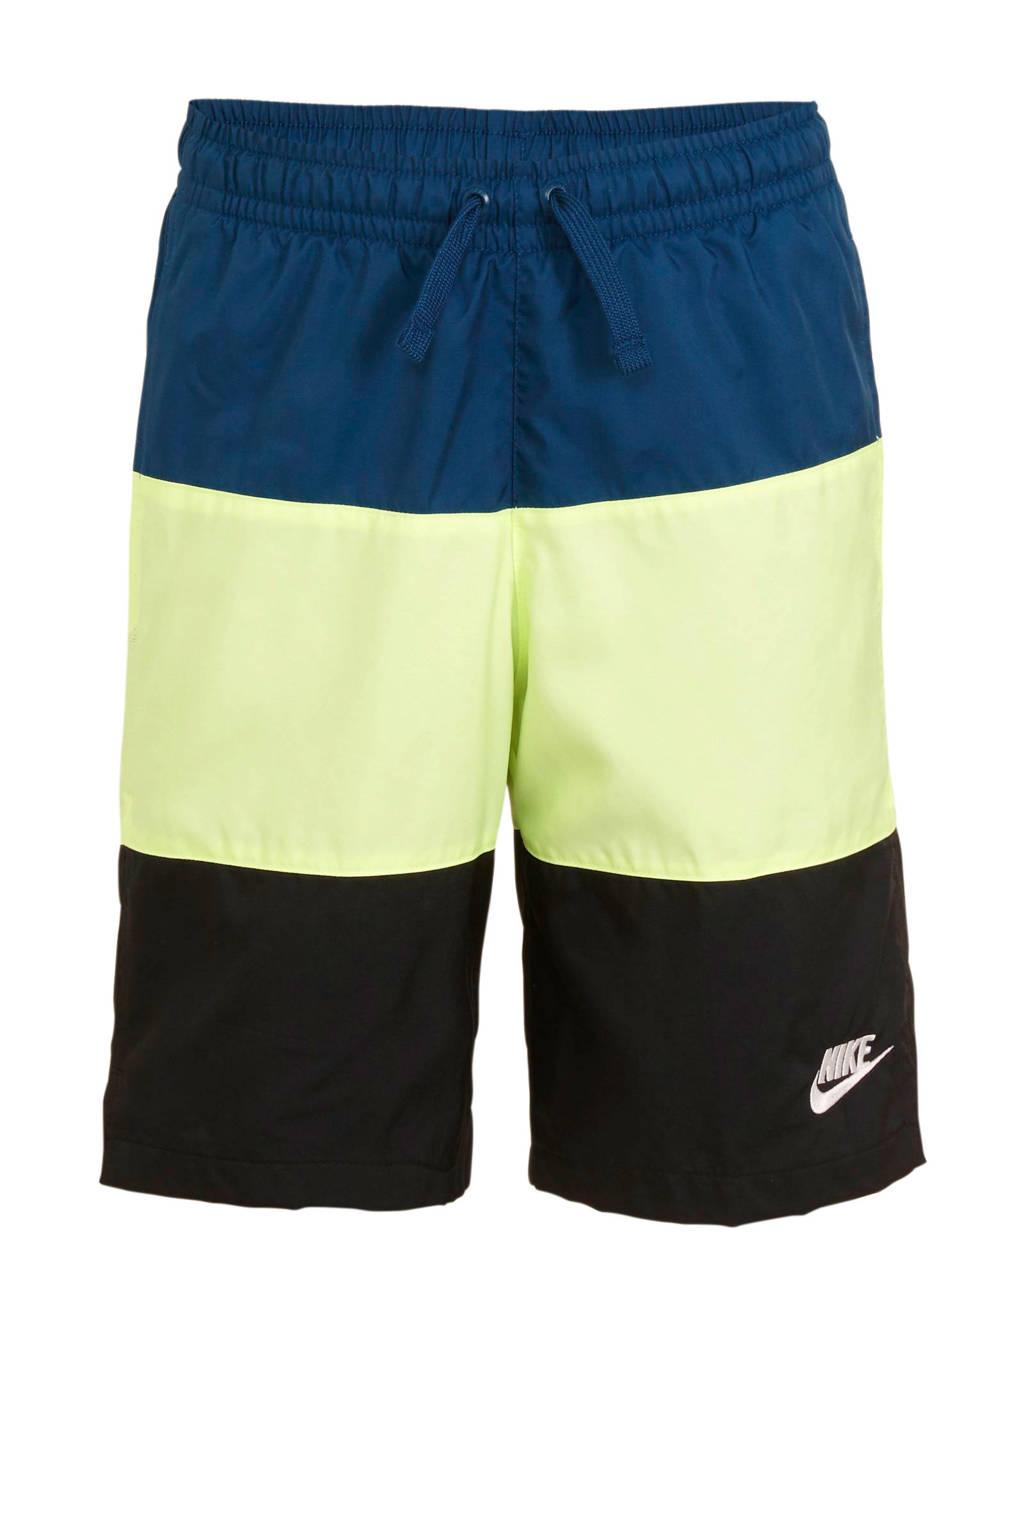 Nike   short blauw/groen/zwart, Blauw/groen/zwart